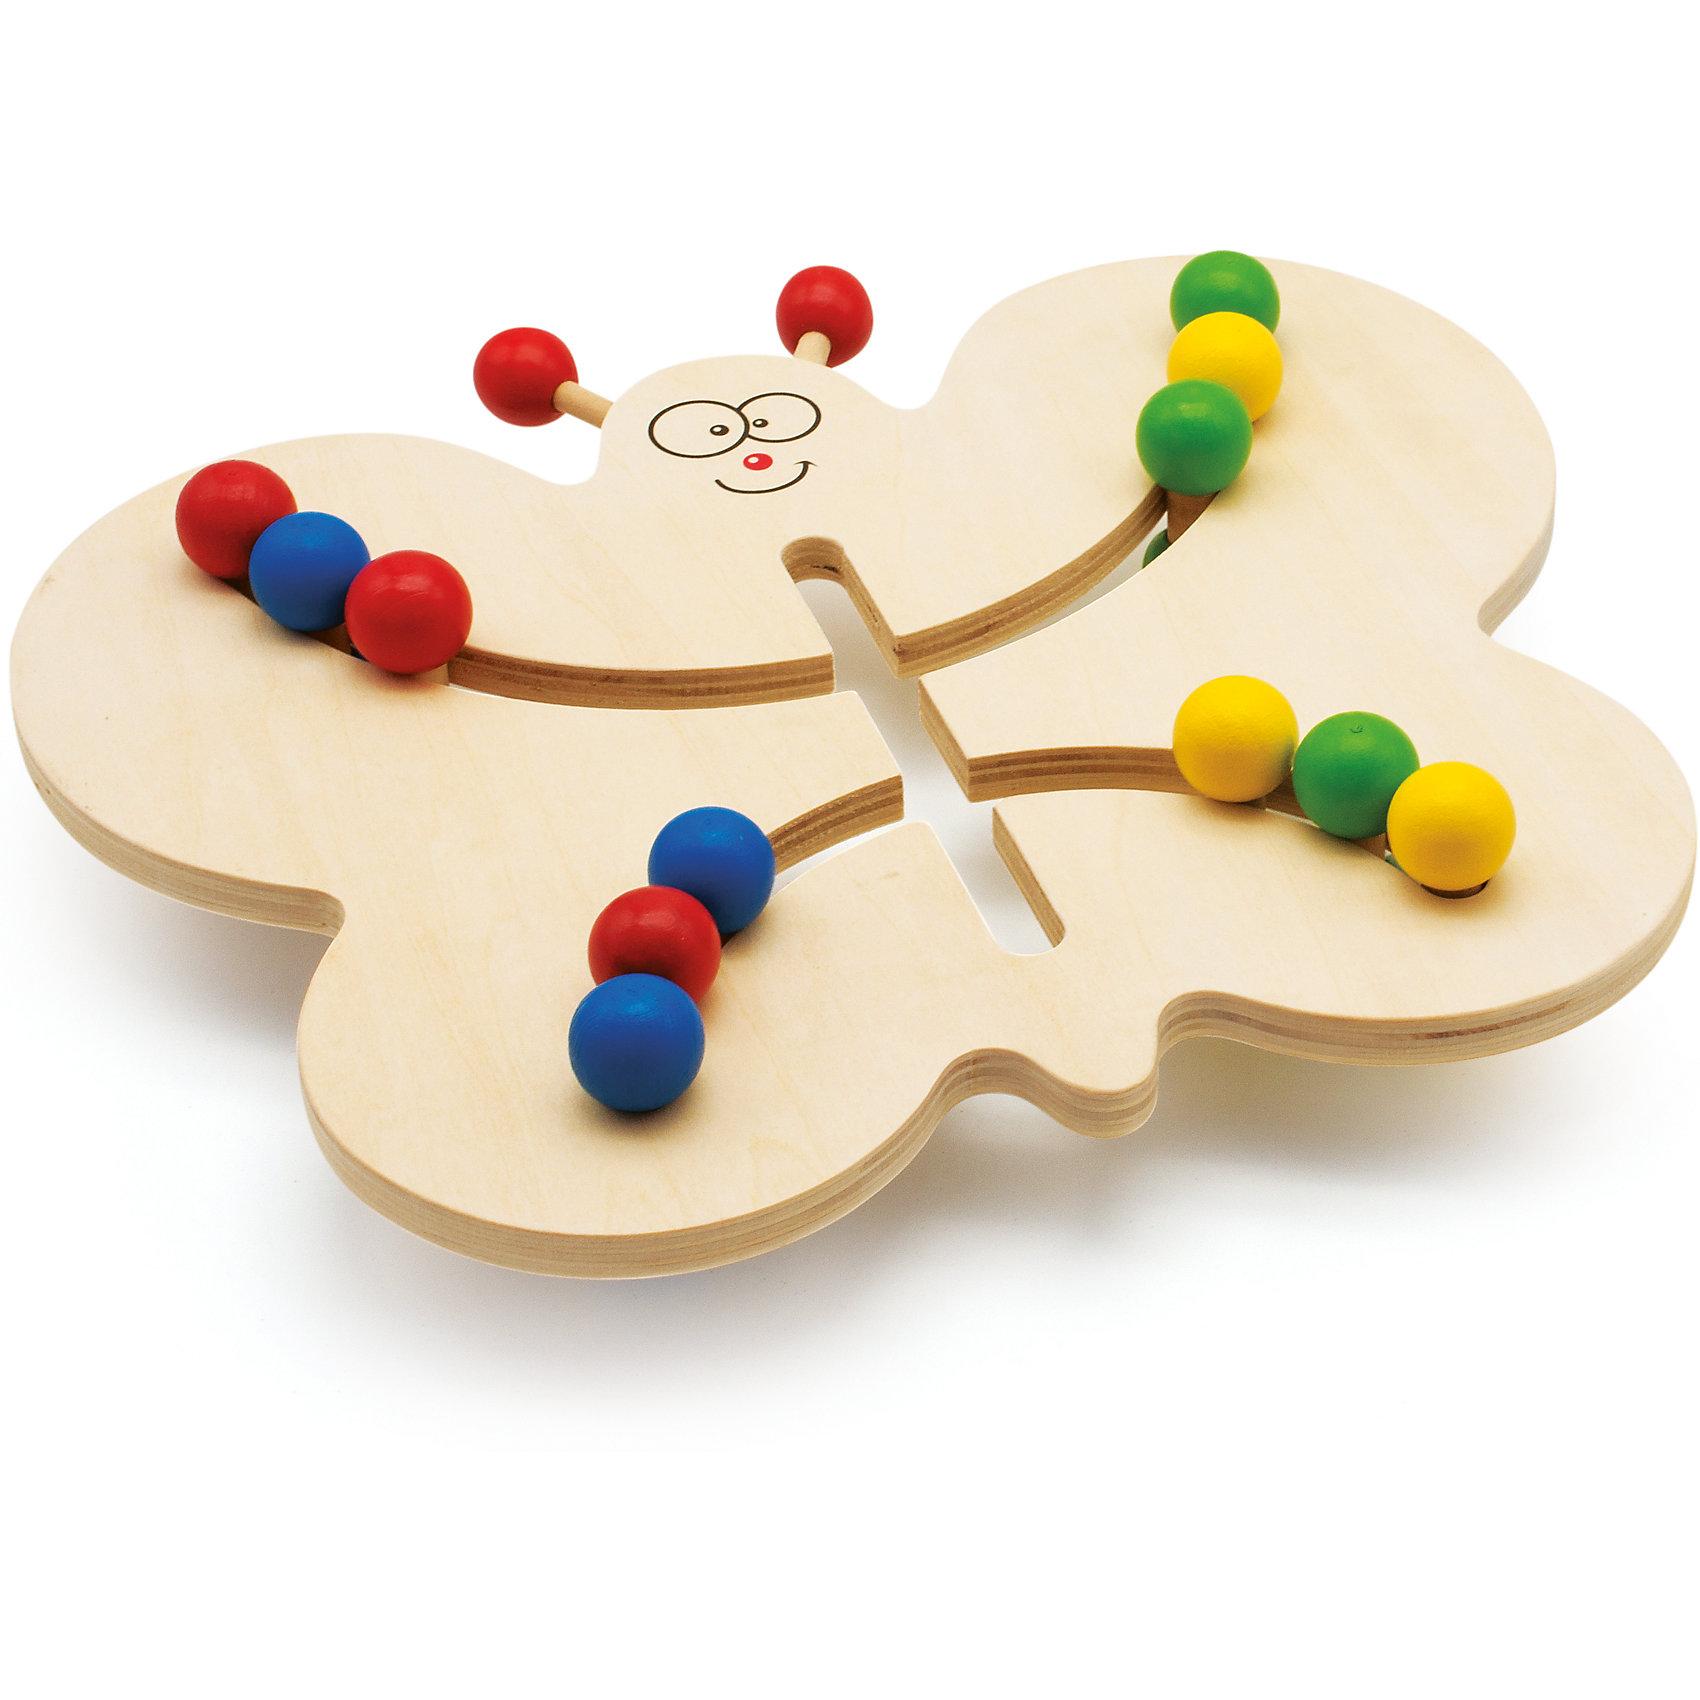 Лабиринт-Бабочка, Мир деревянных игрушек